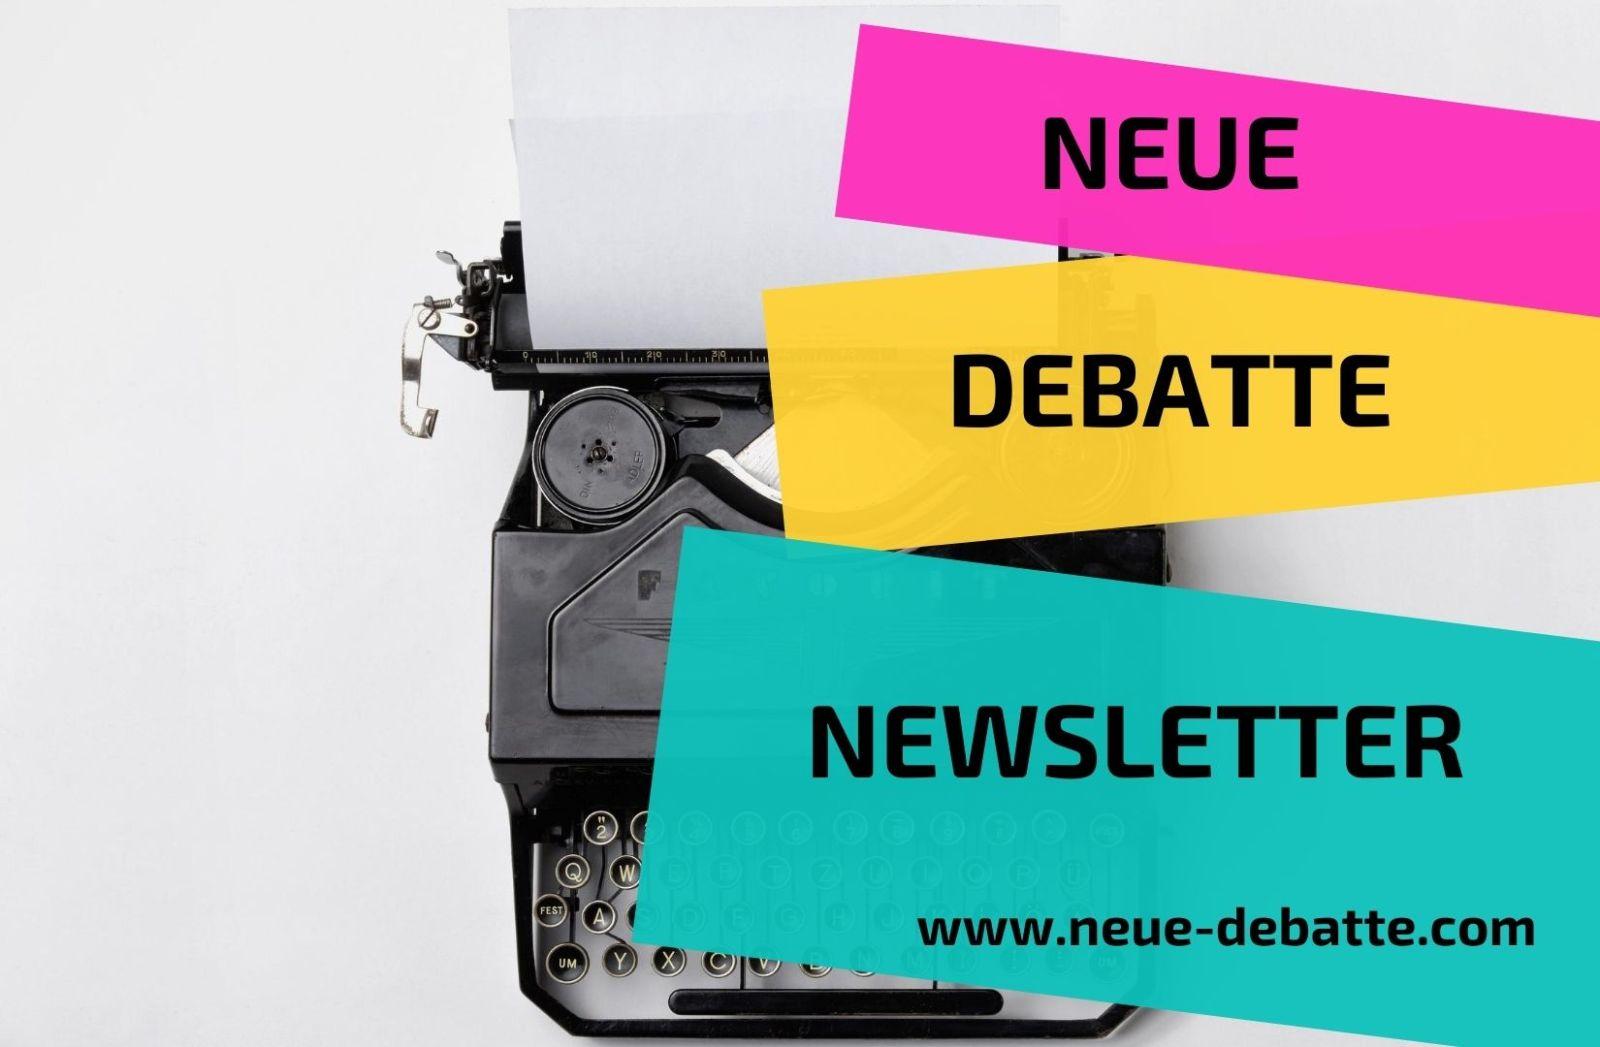 Neue Debatte Newsletter